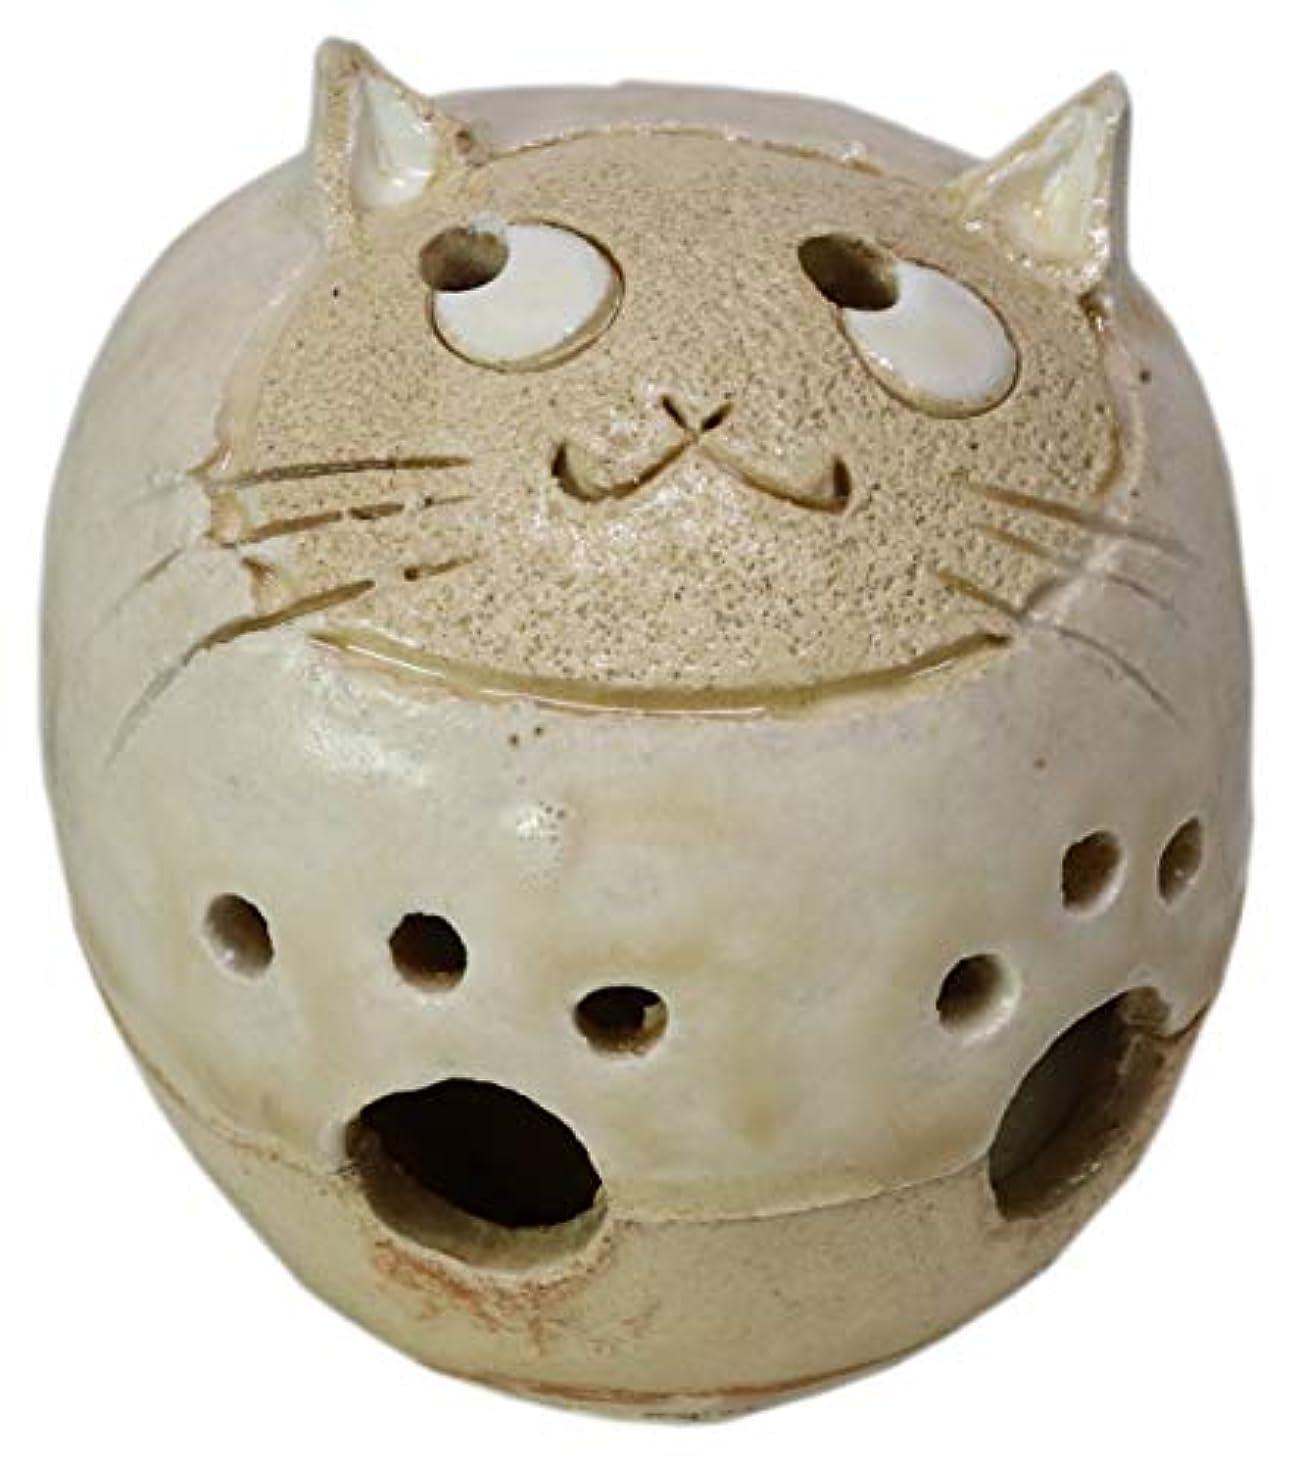 消化適性太い香炉 丸猫 香炉(小) [H6cm] HANDMADE プレゼント ギフト 和食器 かわいい インテリア